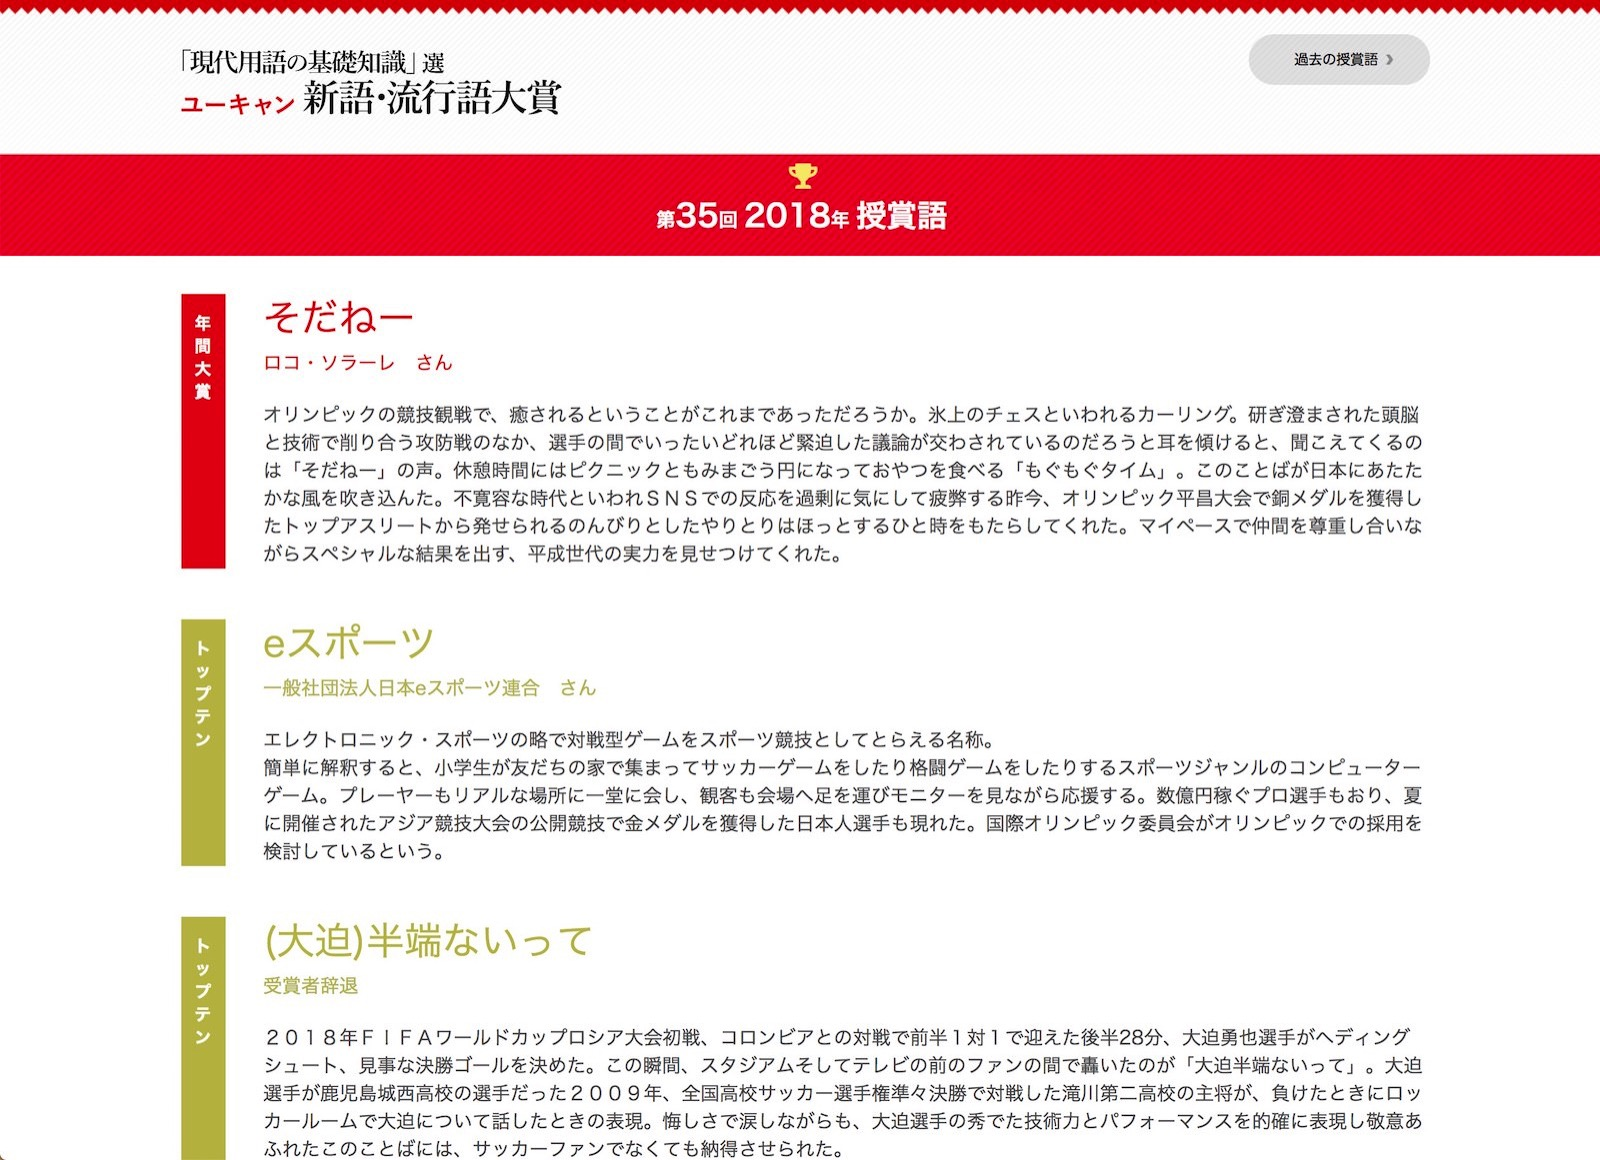 Ryukogo ranking 2018